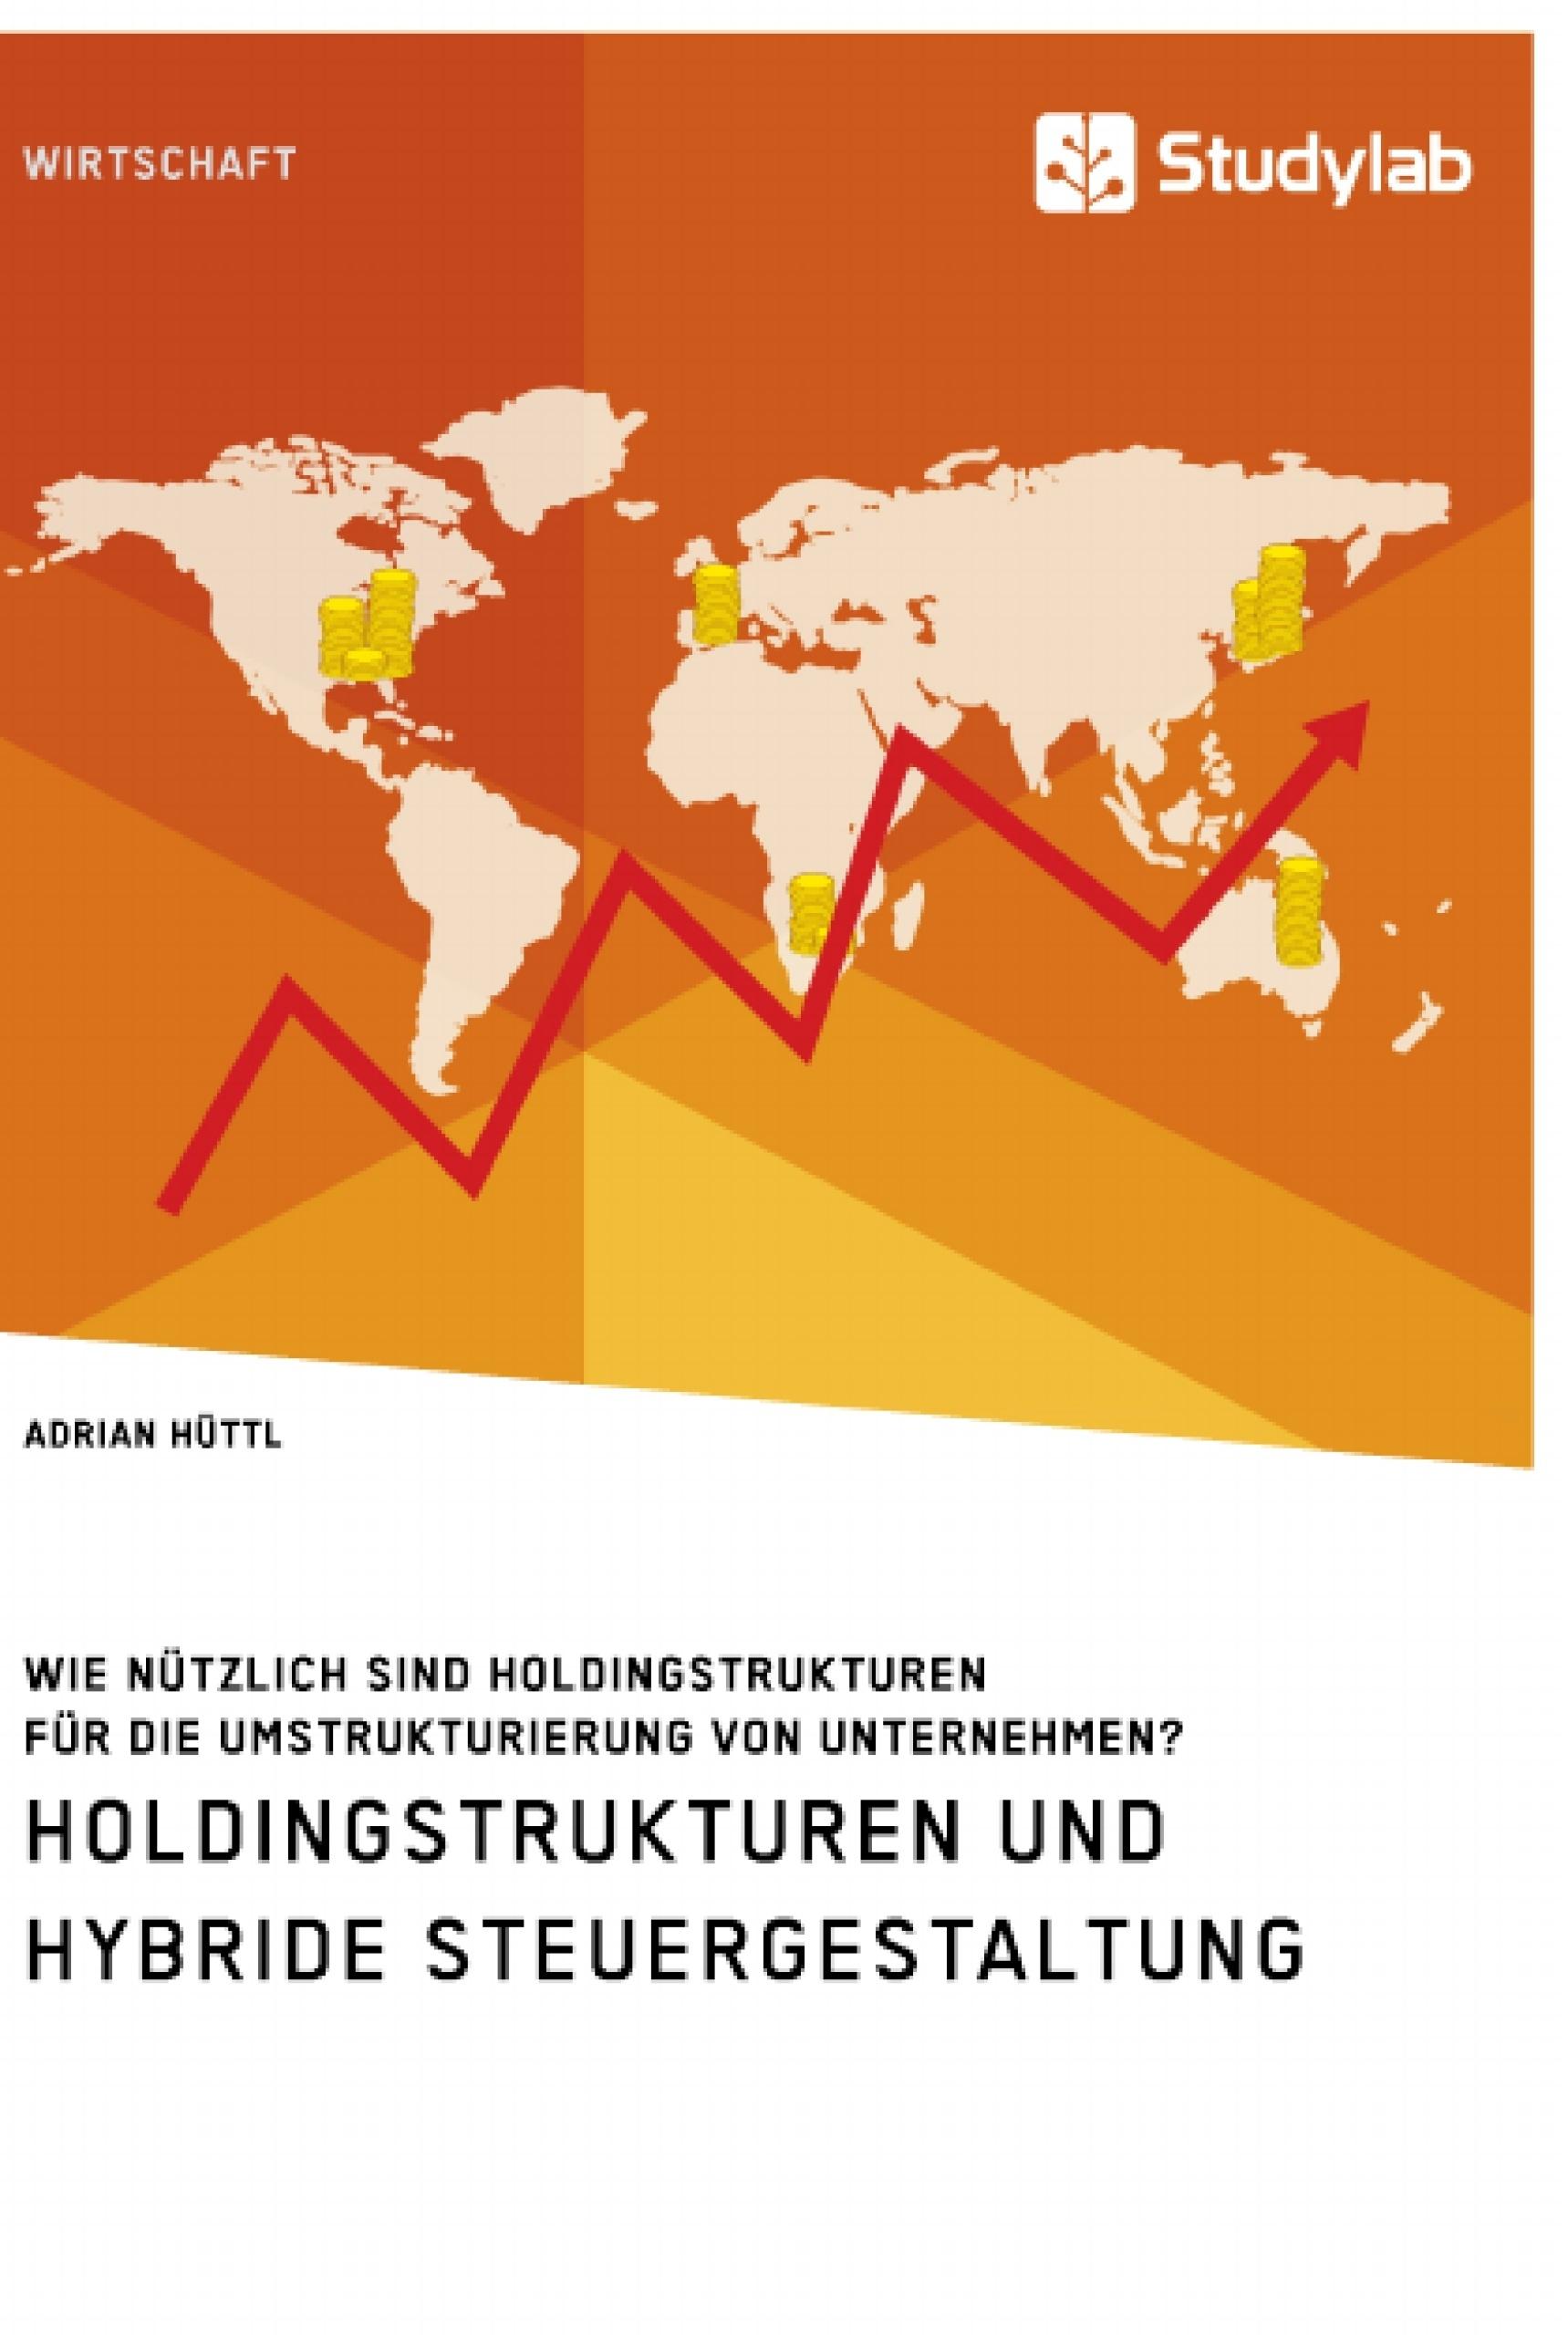 Titel: Holdingstrukturen und hybride Steuergestaltung. Wie nützlich sind Holdingstrukturen für die Umstrukturierung von Unternehmen?